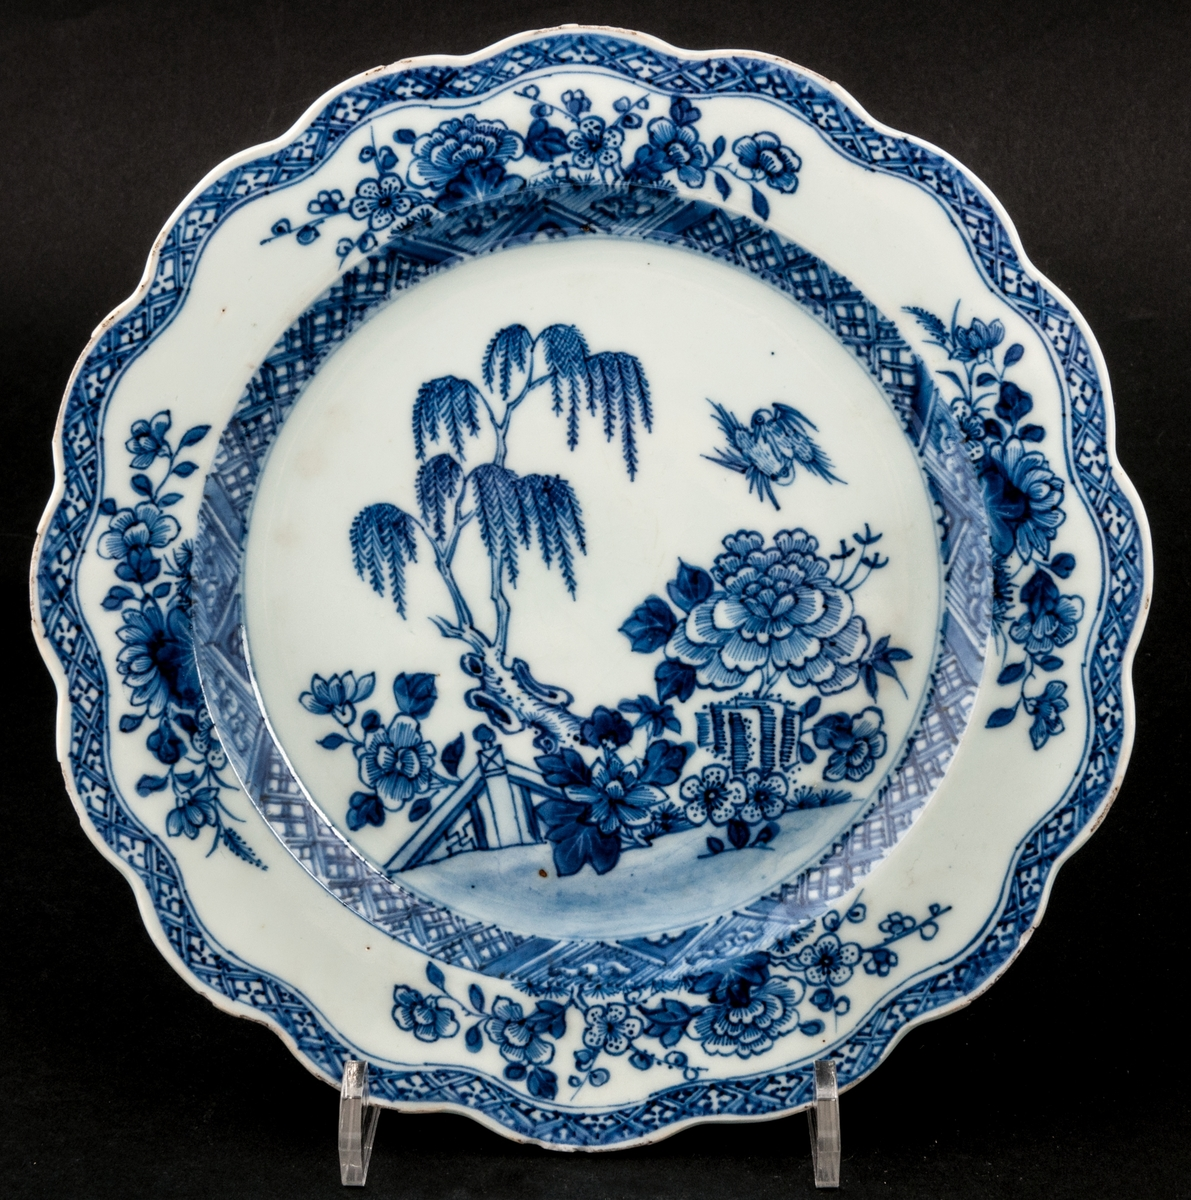 Tallrikar, vågfrormig ytterkant. Blåvit botten och blå ornamentbård samt västmotiv,  blå dekor med hängande trädgårdar. Utan fabrikationsmärke, kompaniporslin. 1700-tal.